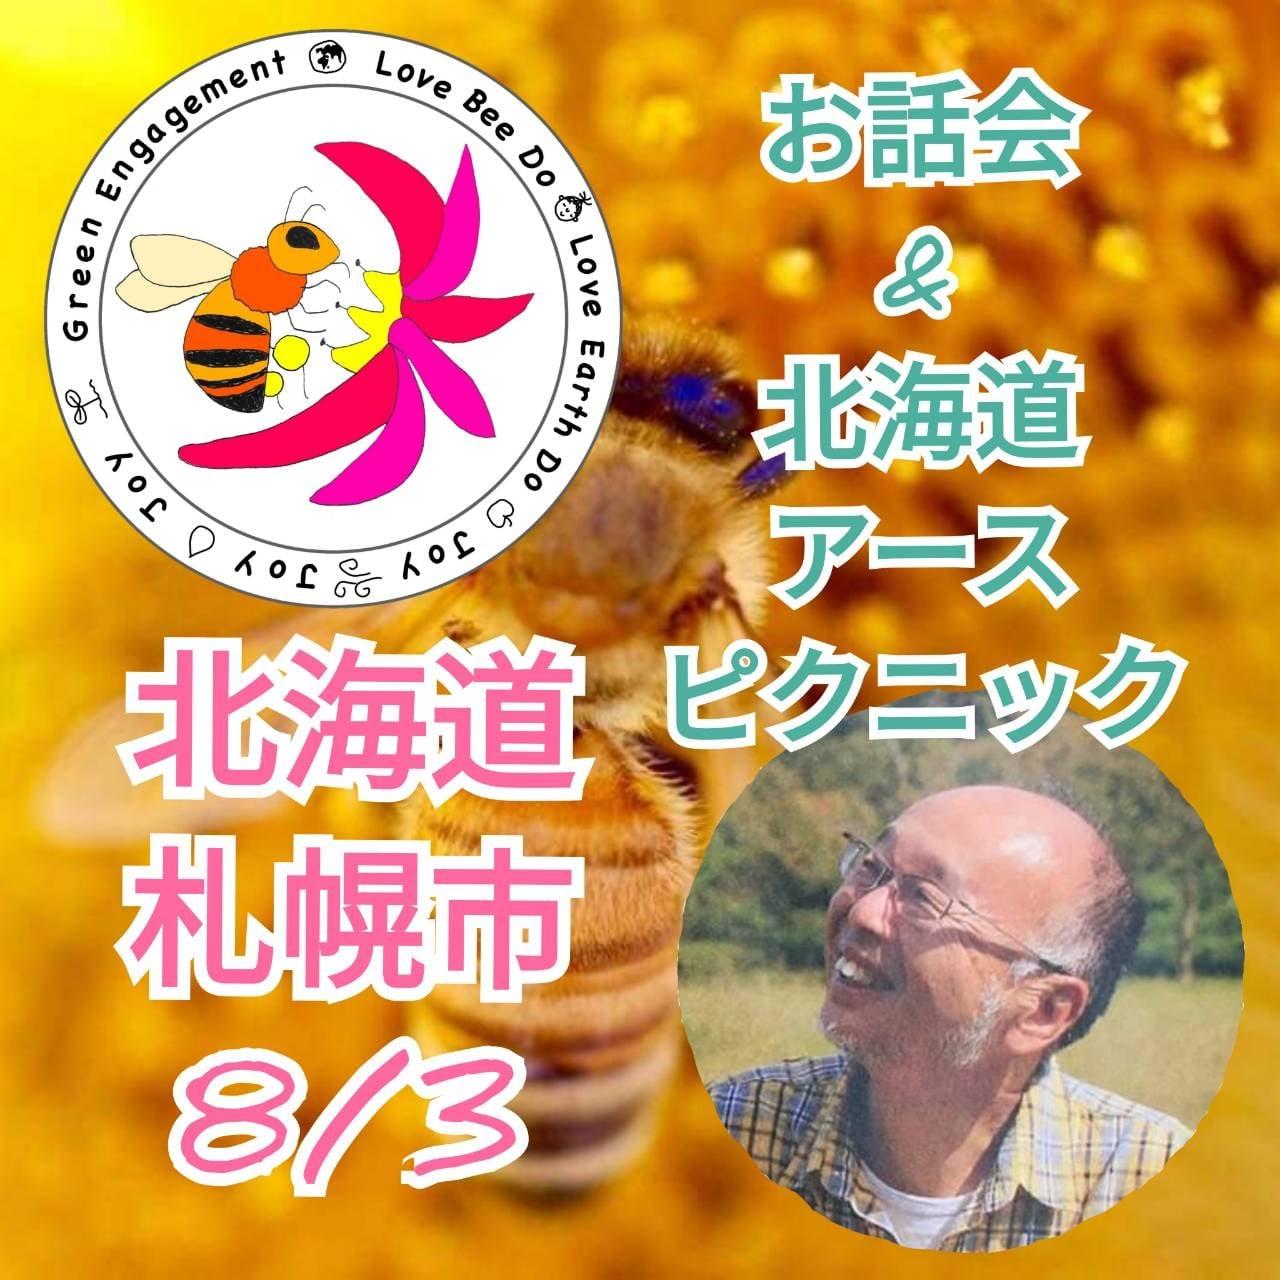 8月3日(土)北海道札幌市 ハニーさんのお話会&北海道アースピクニックのイメージその1